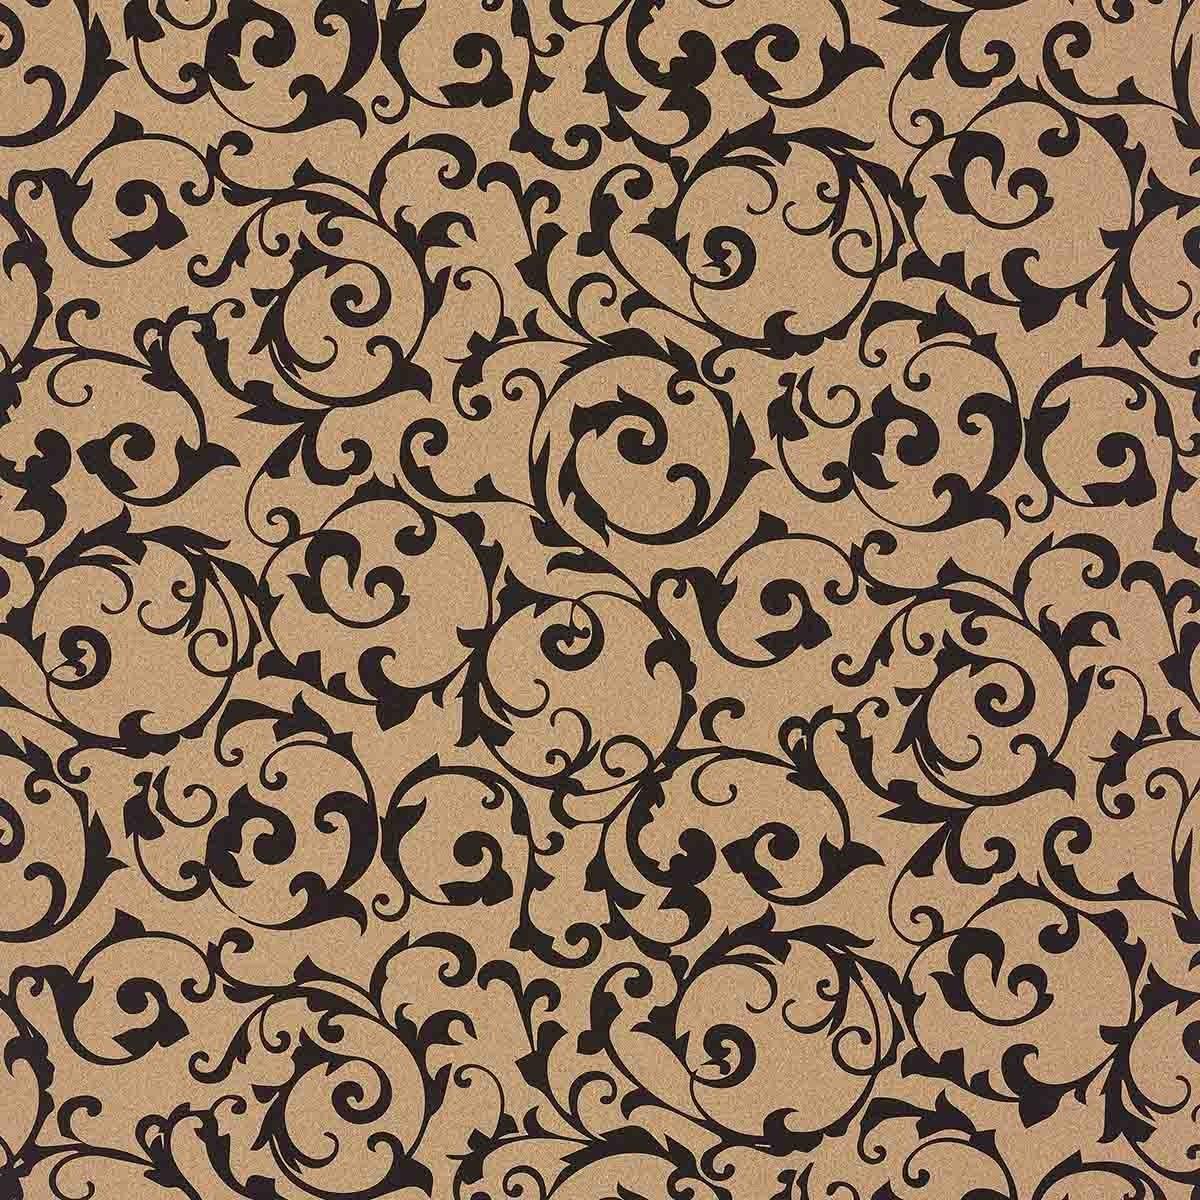 Carta da Parati in Sughero 0,5 mm - Sophistication 05.06